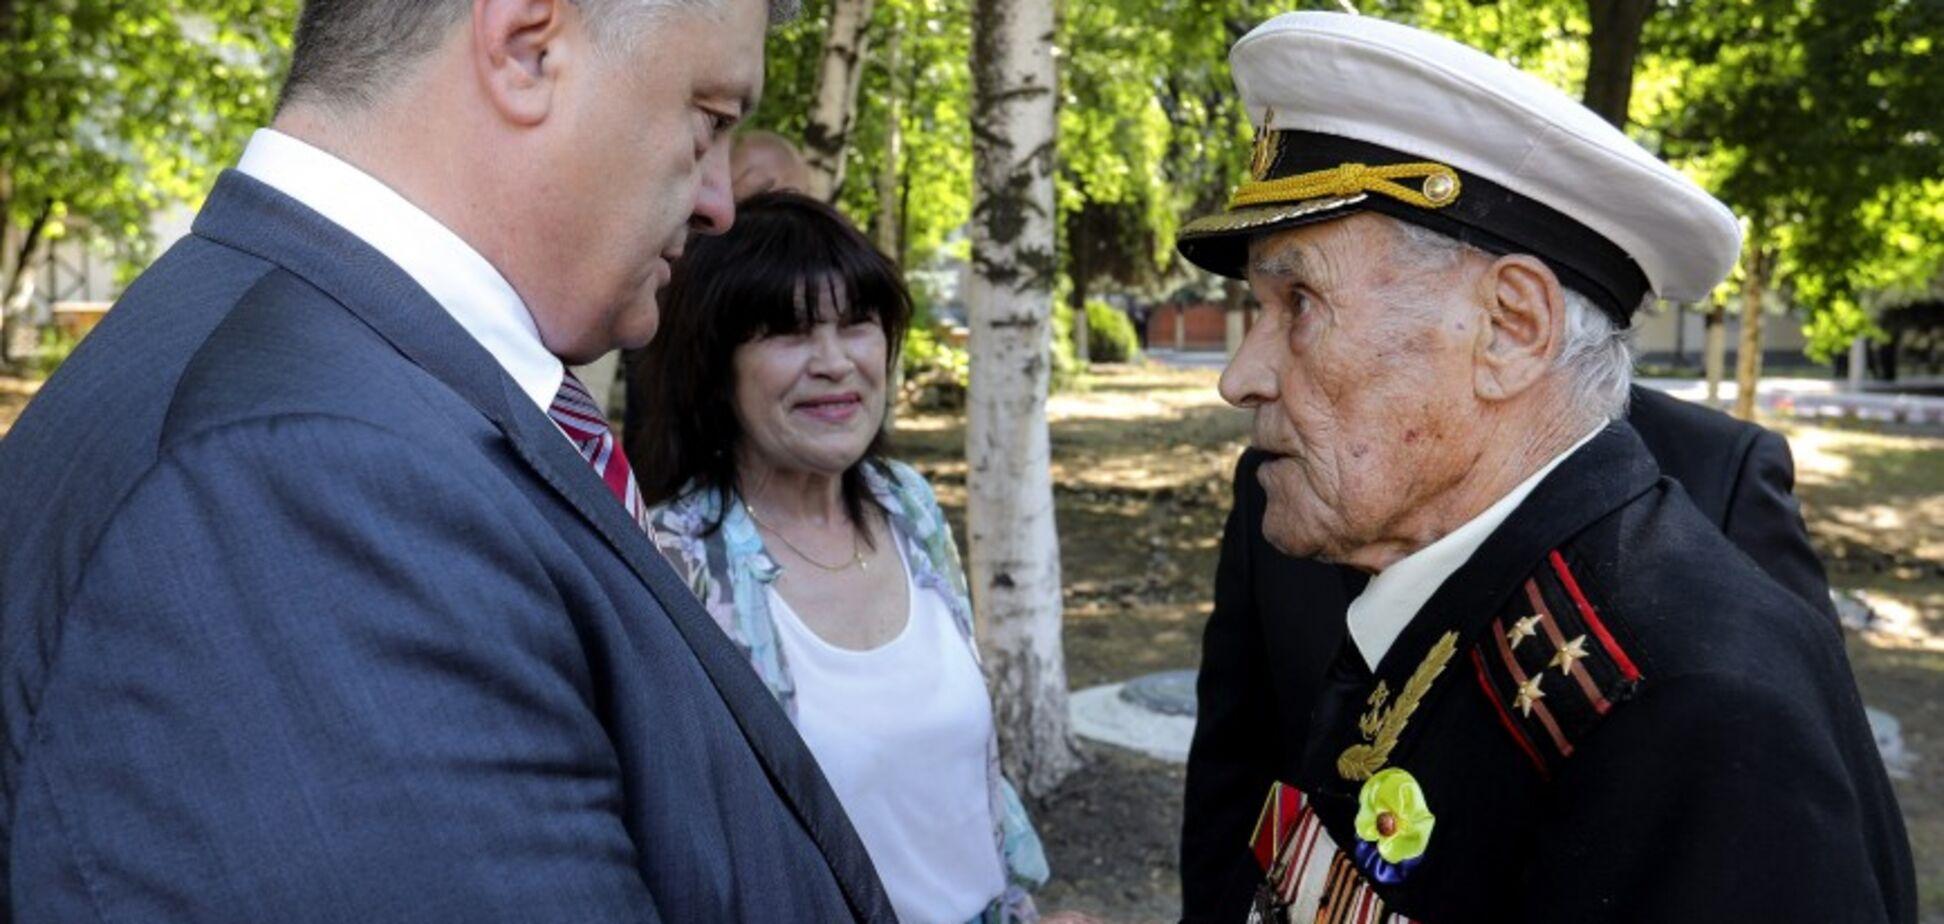 Внук погиб на Донбассе: Порошенко наградил 100-летнего ветерана